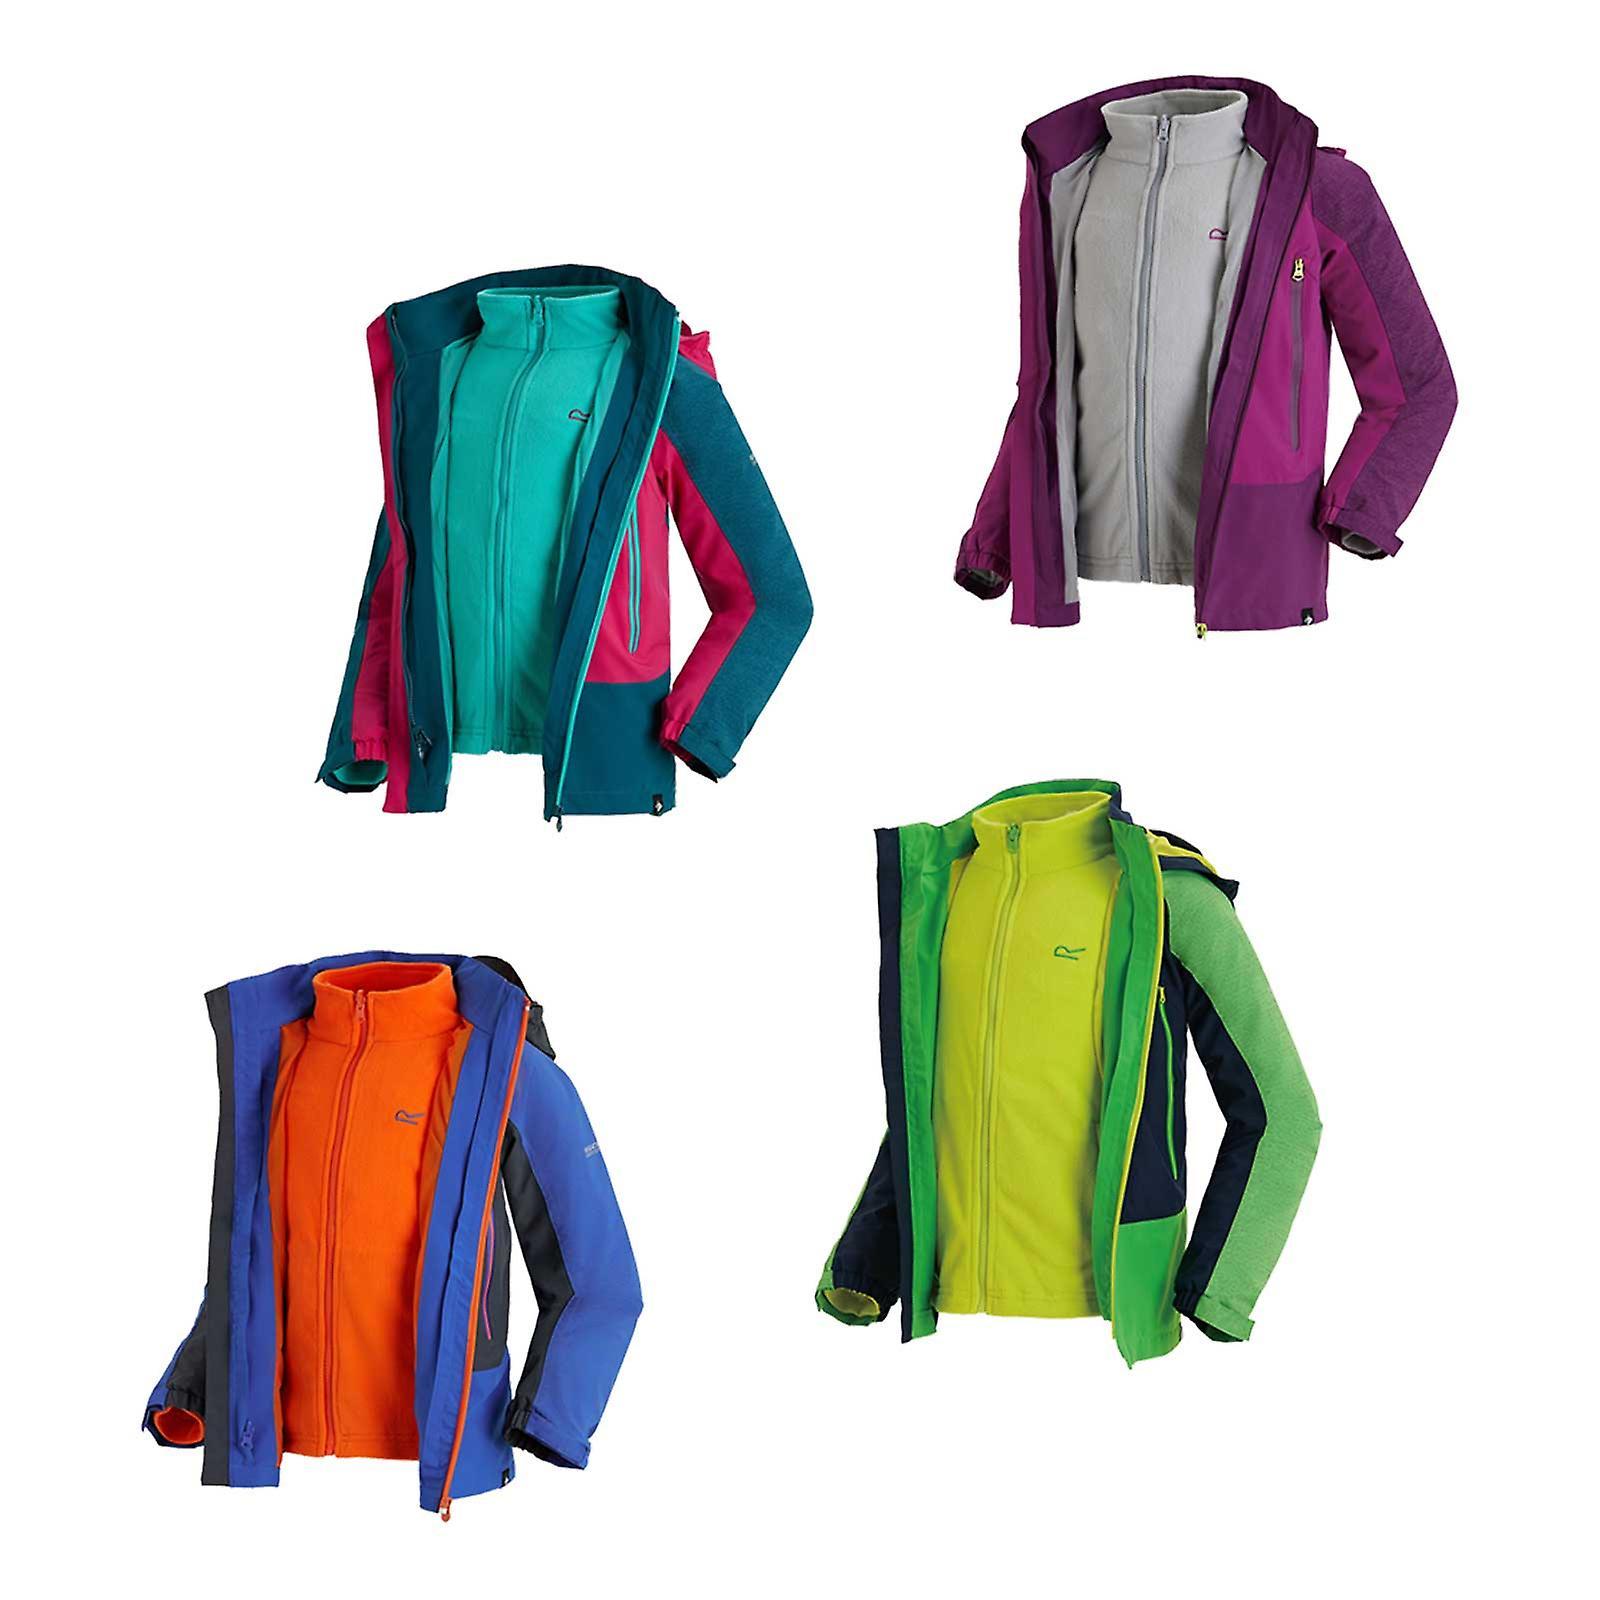 764695941b46 Regatta Kids Hydrate III 3 in 1 Waterproof Jacket